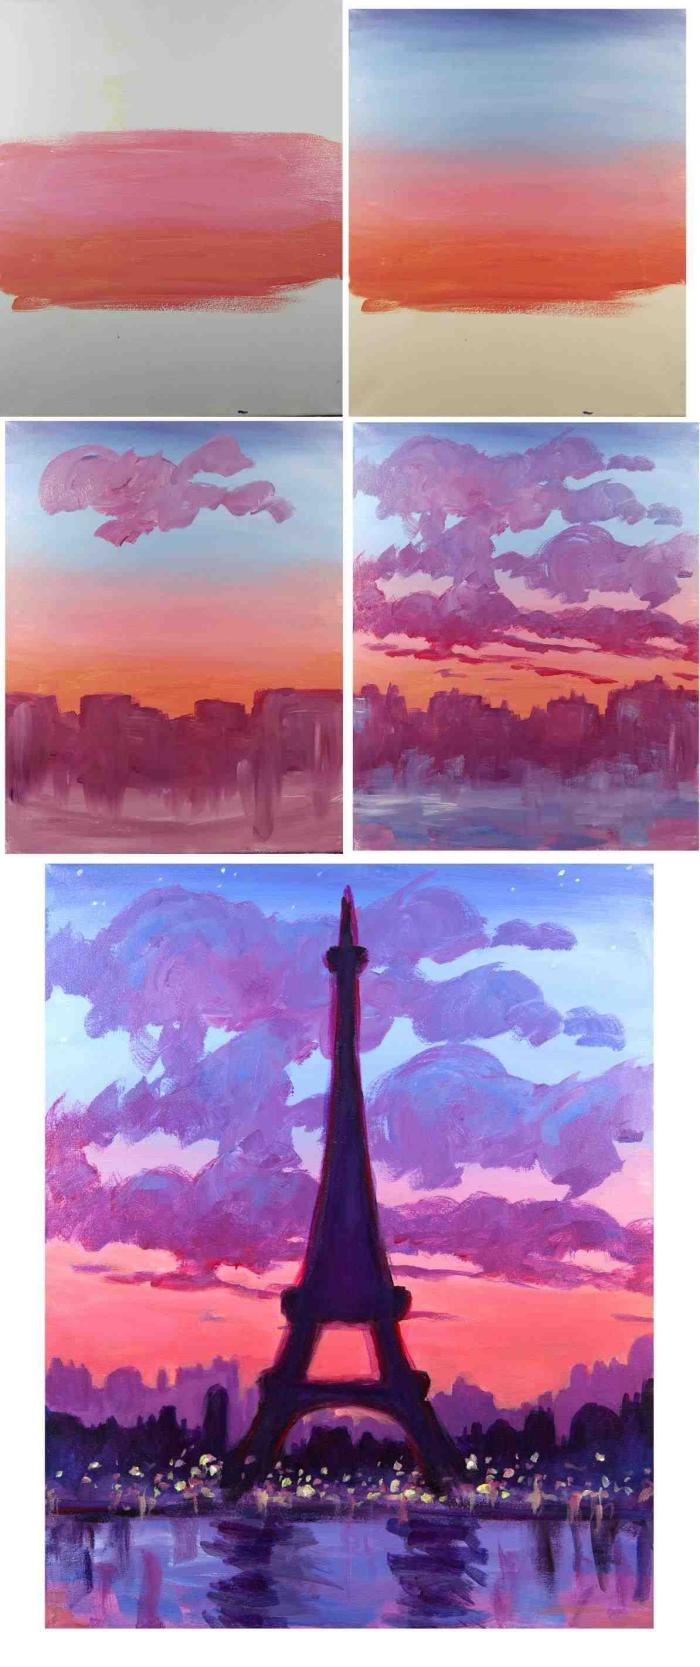 paysage aquarelle représentant le coucher de soleil et la silhouette de la tour eiffel